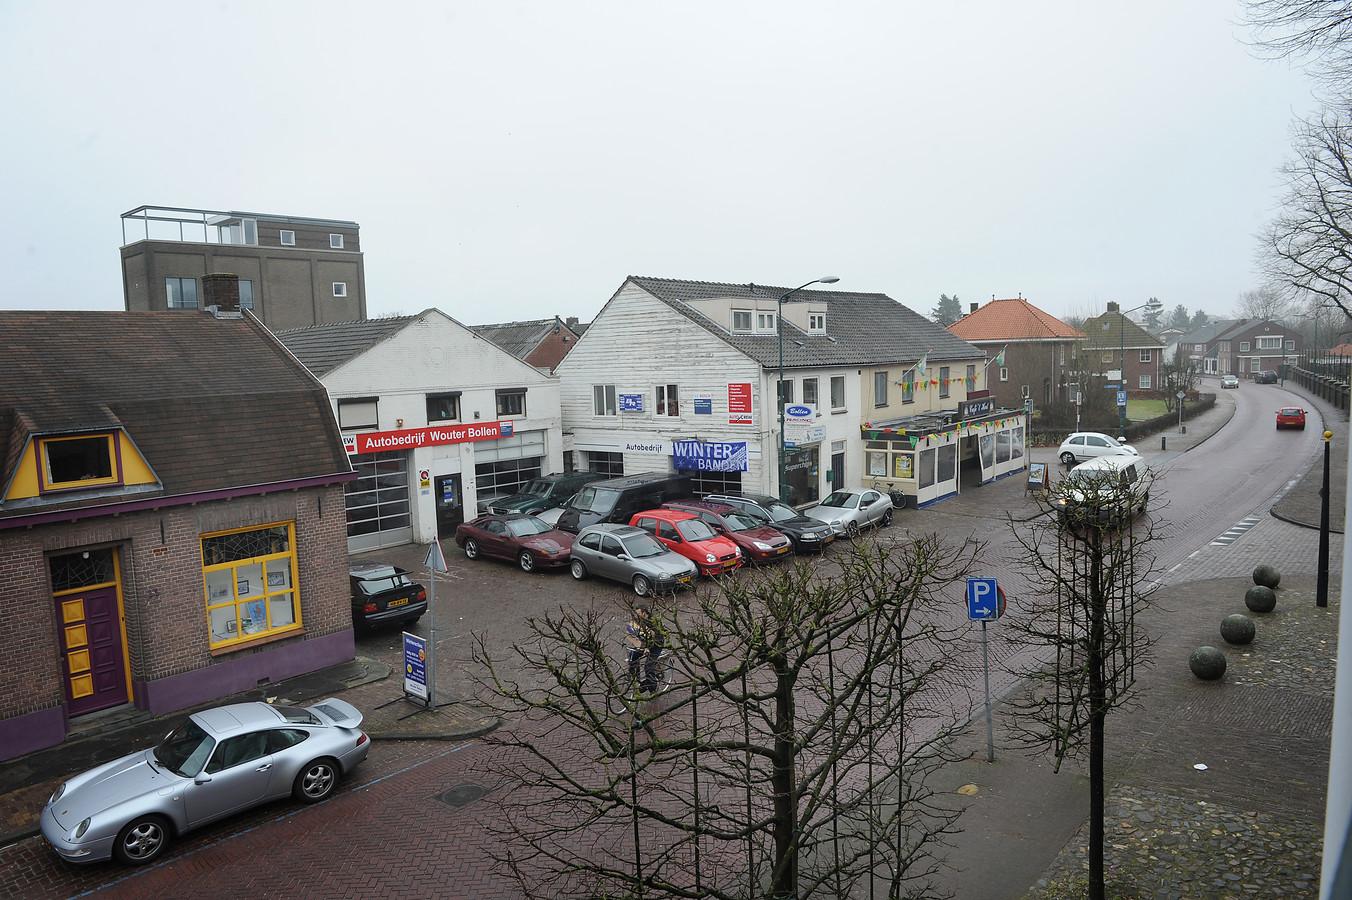 Deel van de Breestraat in Sint Anthonis. Links met gele kozijnen het pand van de Heemkundekring Sint Tunnis in Oelbroeck dat tegen de vlakte gaat.